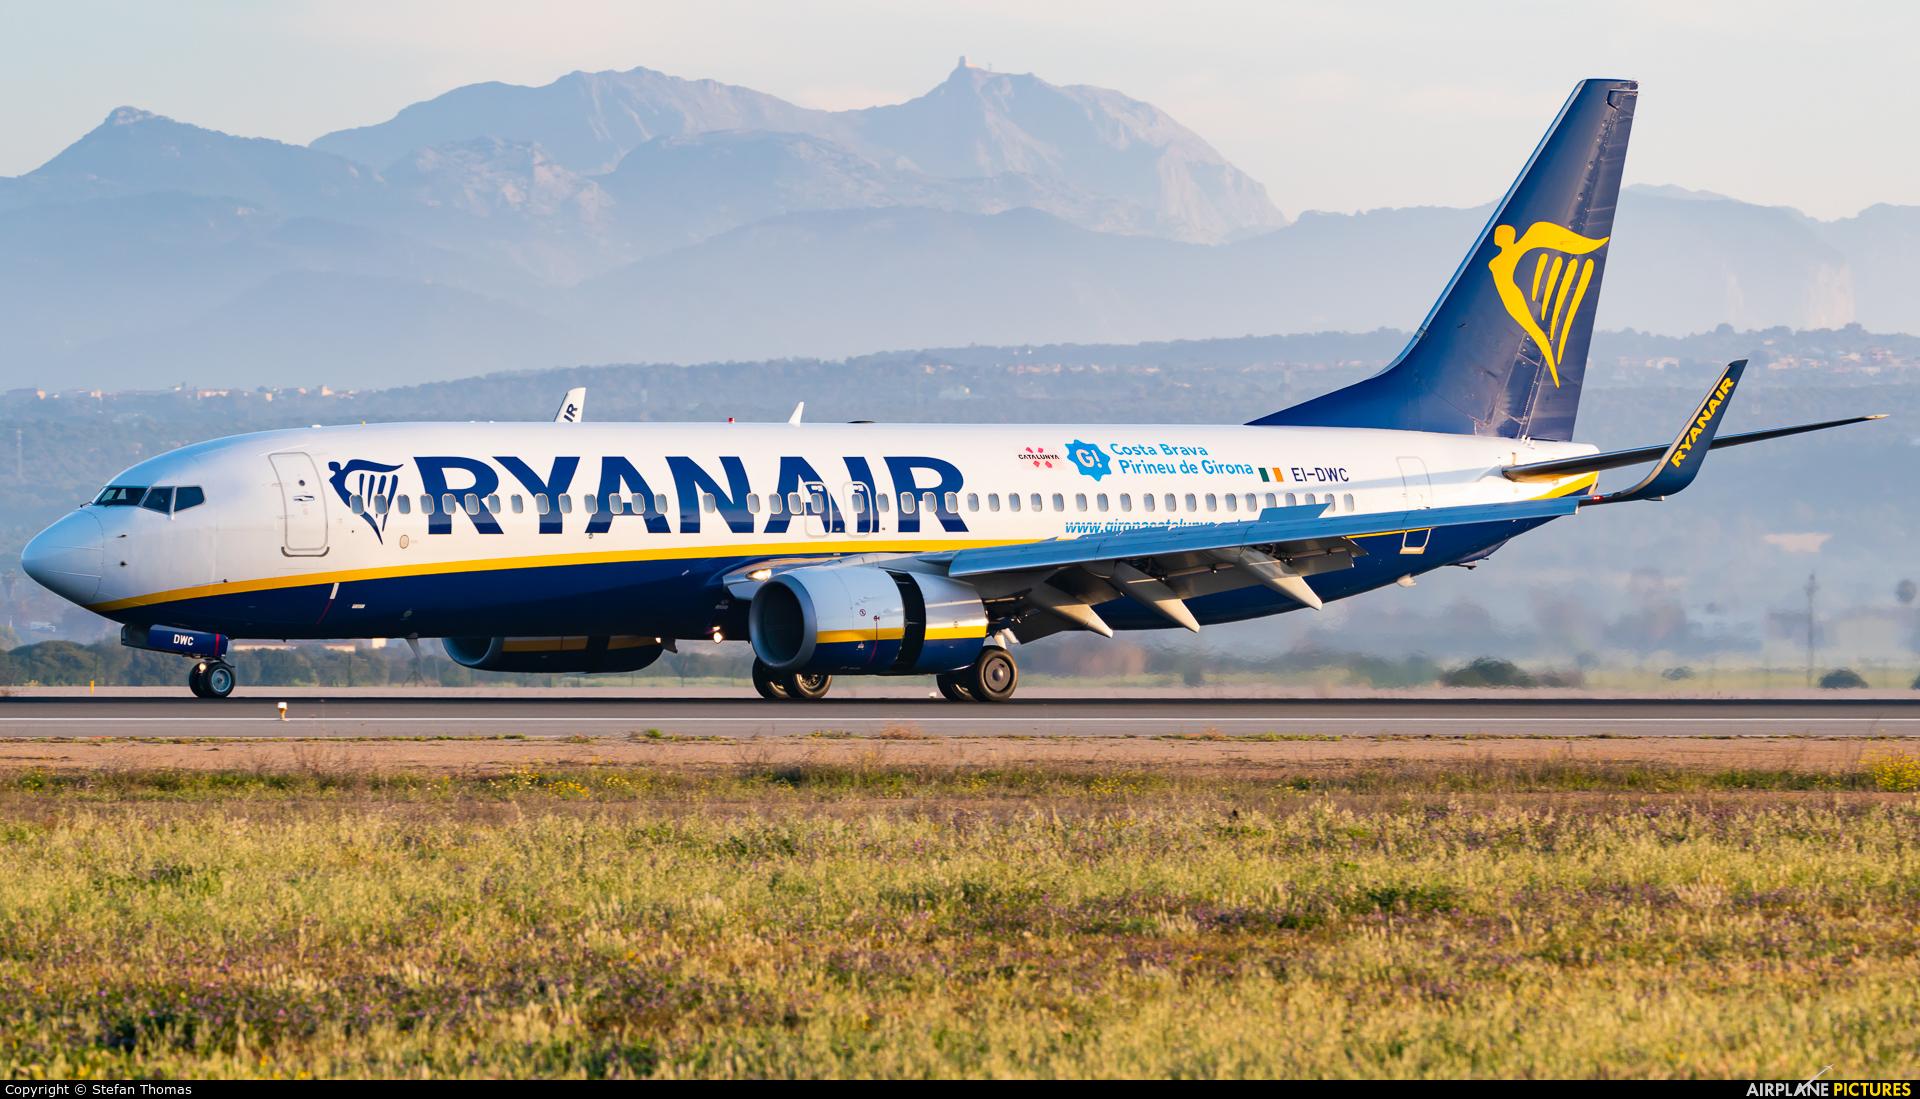 Ryanair EI-DWC aircraft at Palma de Mallorca